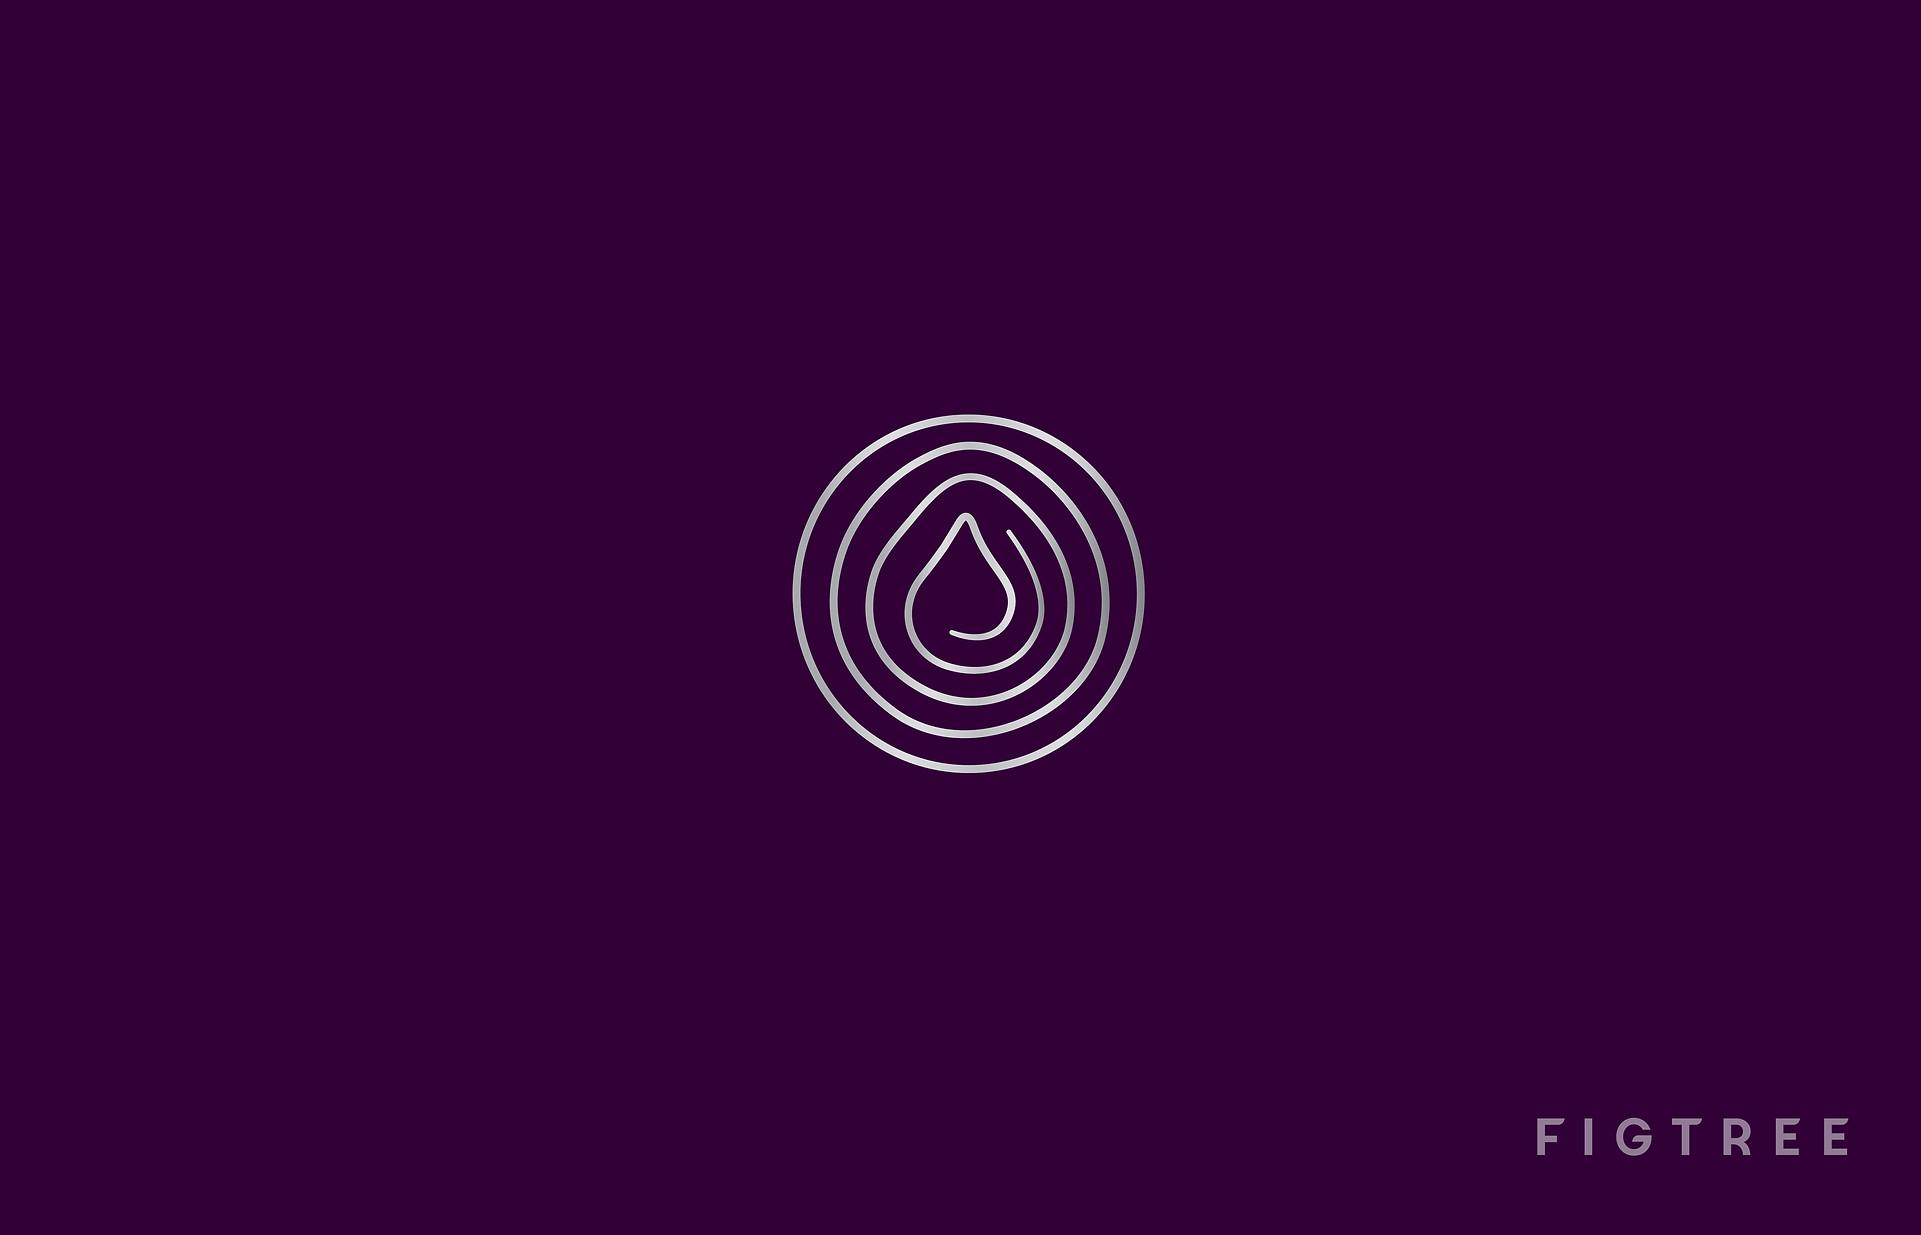 FIGTREE-01.jpg